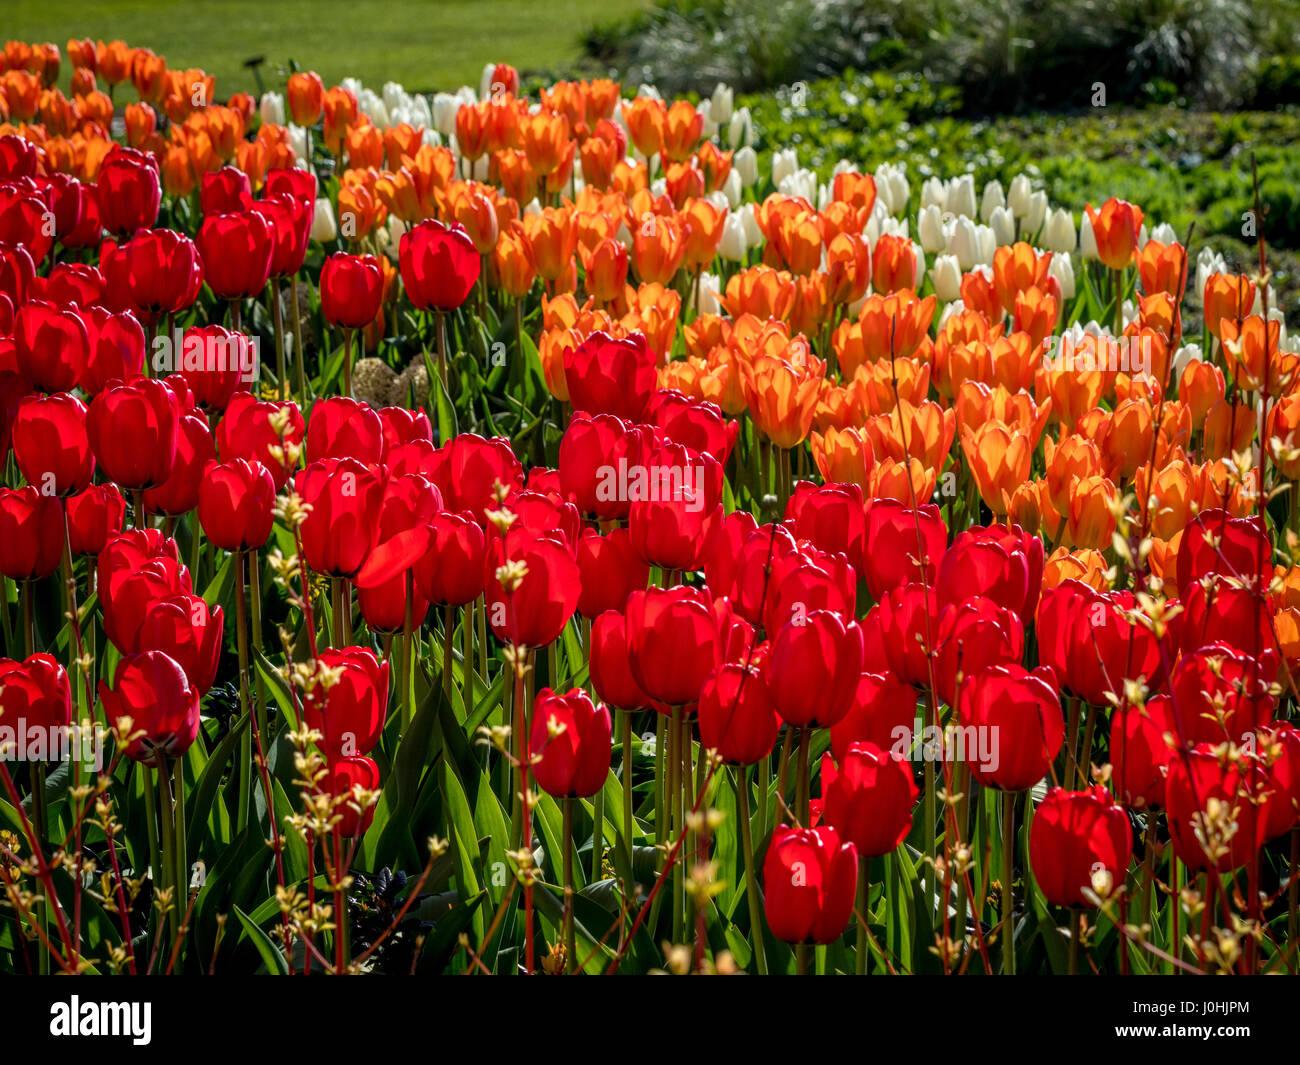 Bianco, arancione e tulipani rossi nella primavera del letto di fiori all'aperto Foto Stock